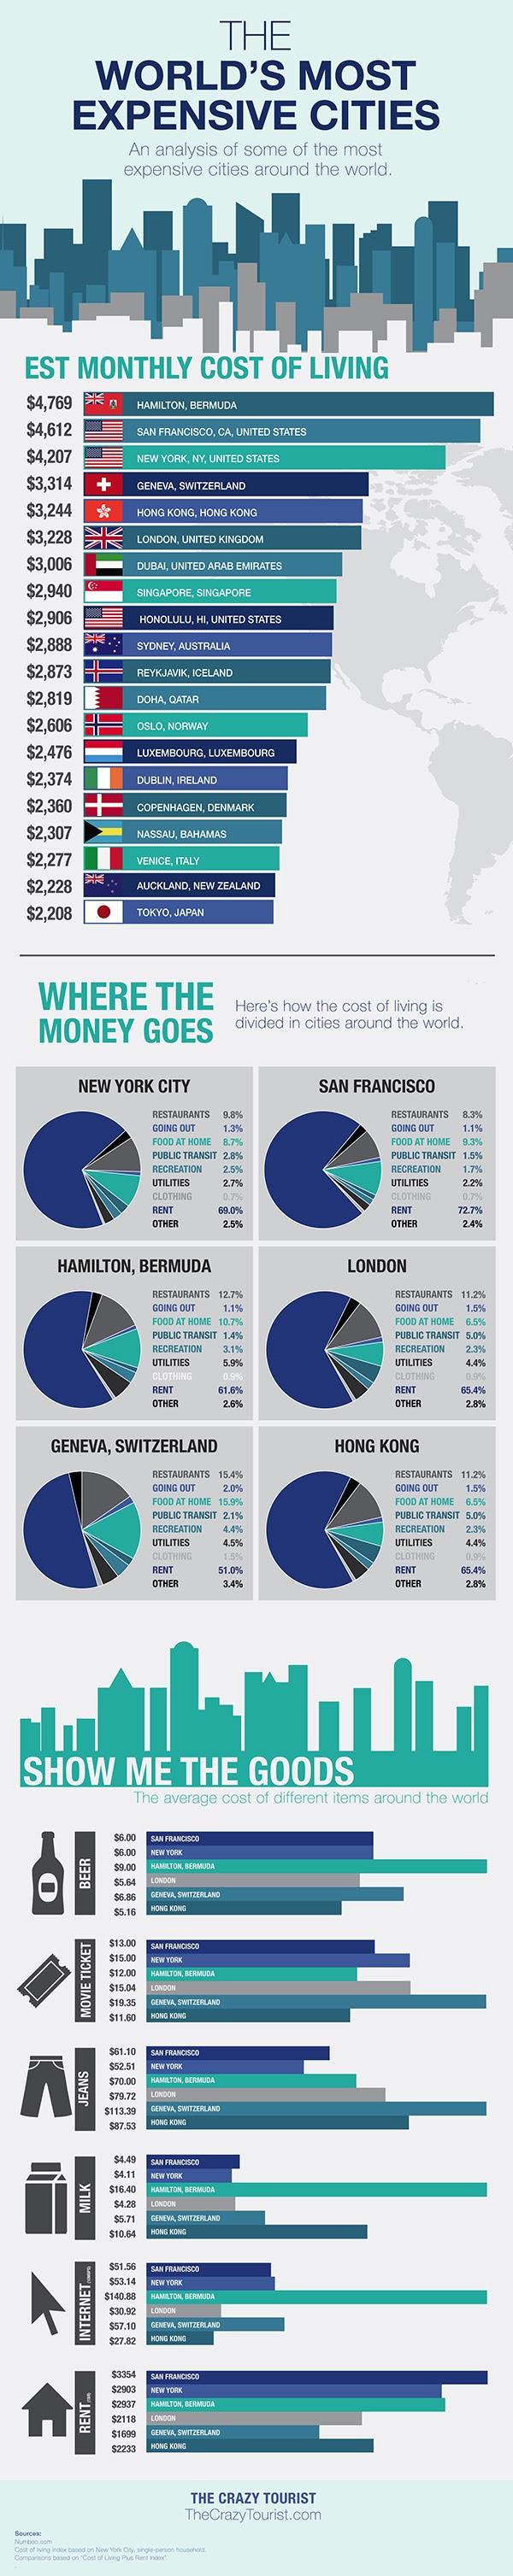 Las 20 ciudades más costosas del mundo